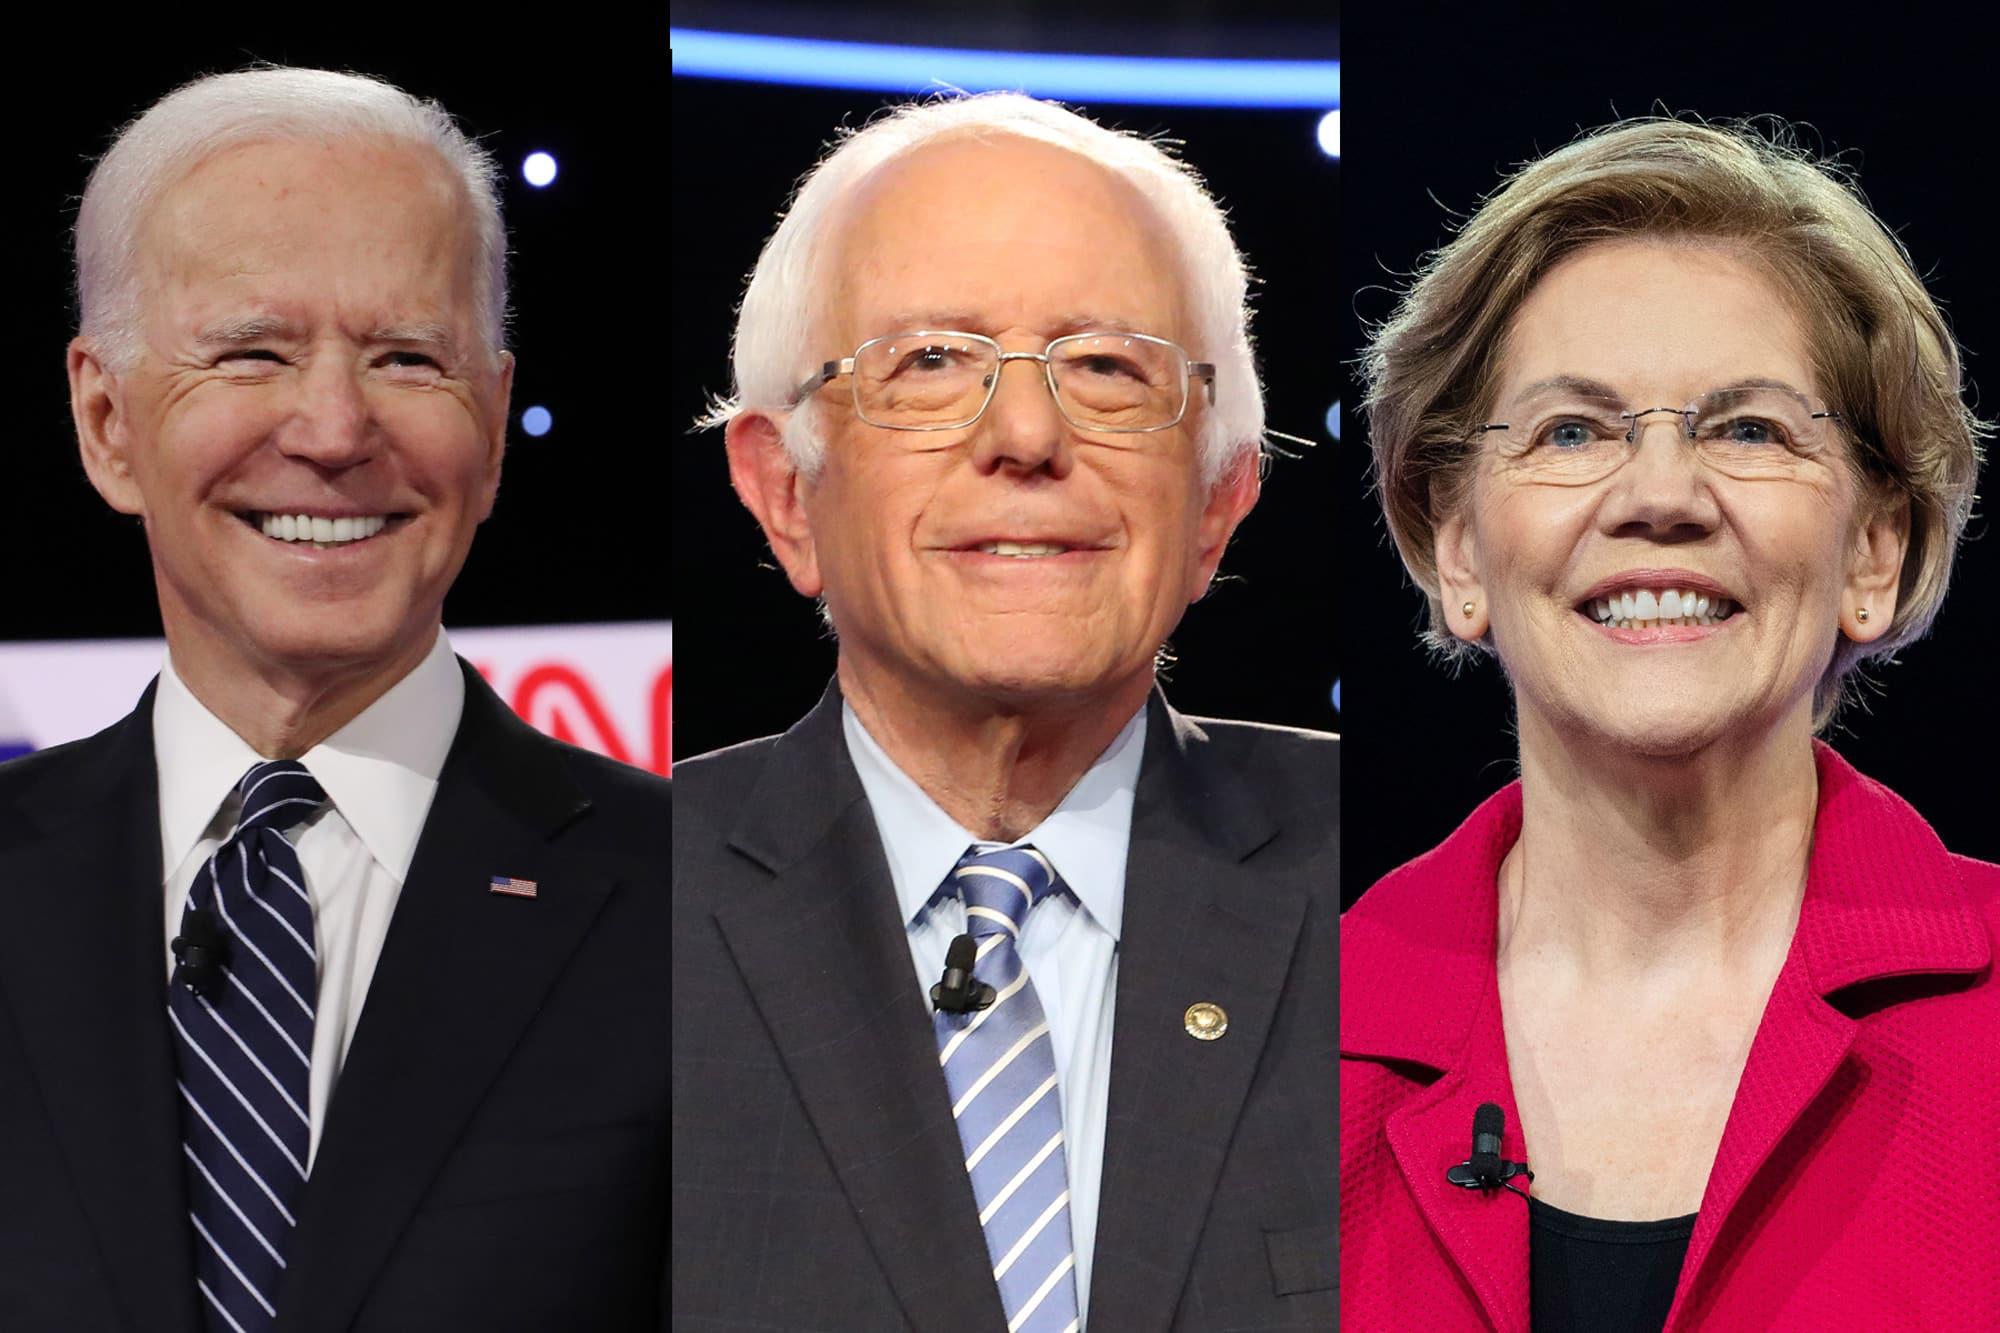 Siêu thứ Ba thay đổi cục diện cuộc đua vào Nhà Trắng của phe Dân chủ